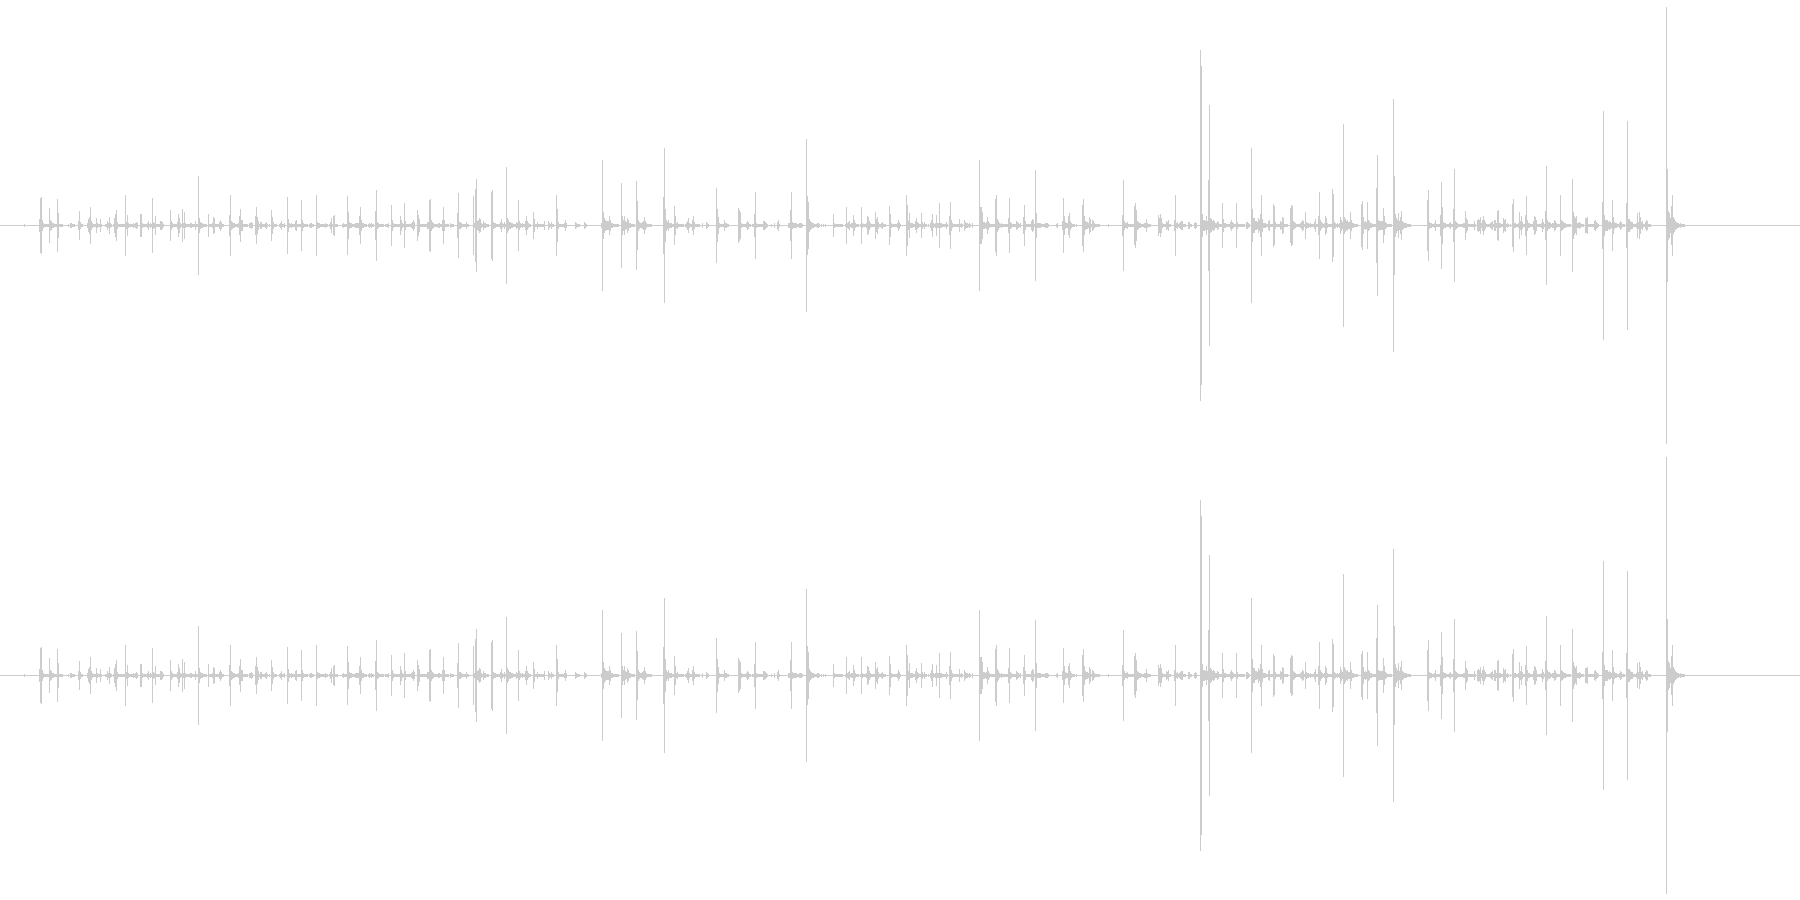 キーボードを叩く音(オフィス環境音)の未再生の波形